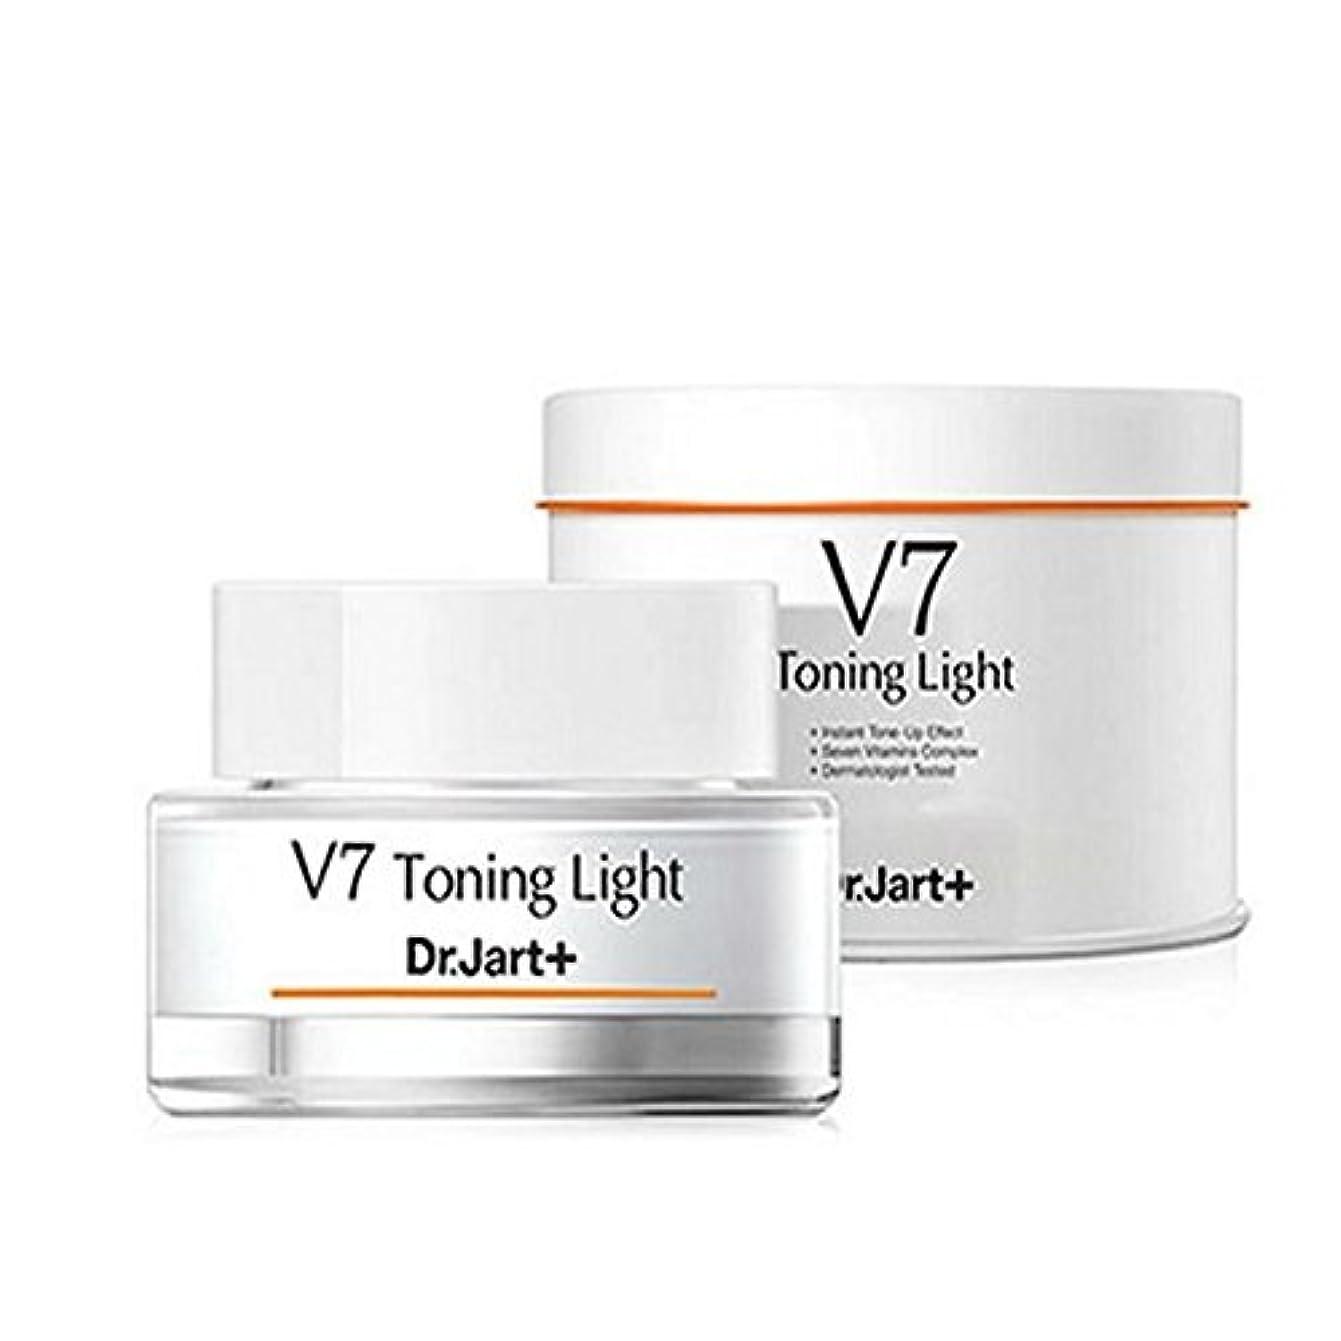 つづり土曜日金貸しDr. Jart /ドクタージャルト V7 トーニングライト/V7 Toning Lihgt 50ml/100% Authentic direct from Korea [並行輸入品]